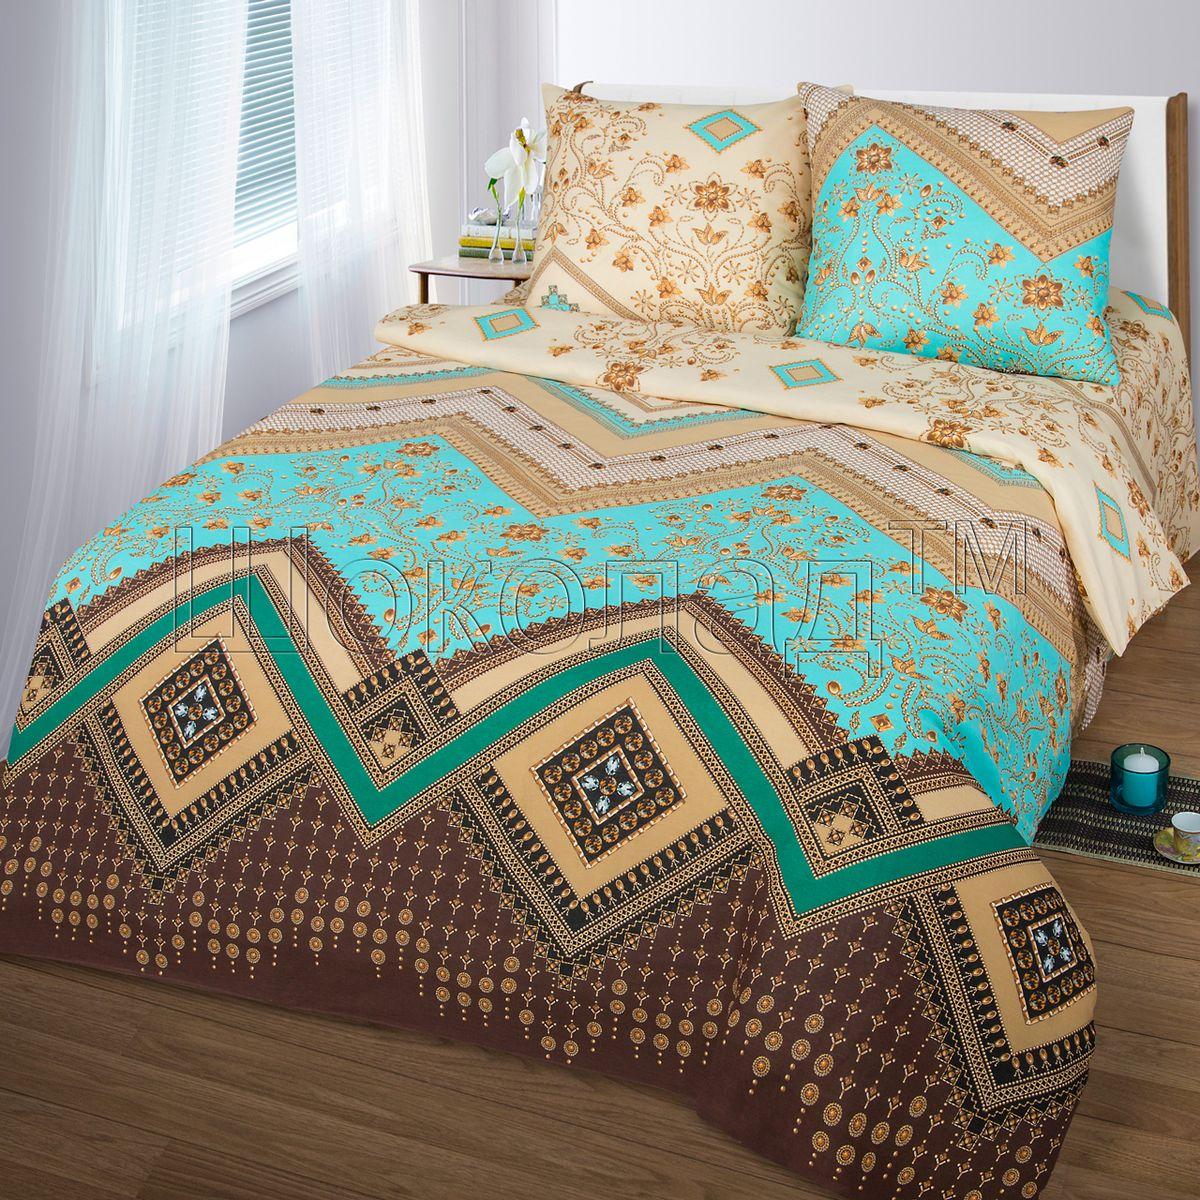 Комплект белья Шоколад Ривьера, 1,5-спальный, наволочки 70x70. Б100Б100